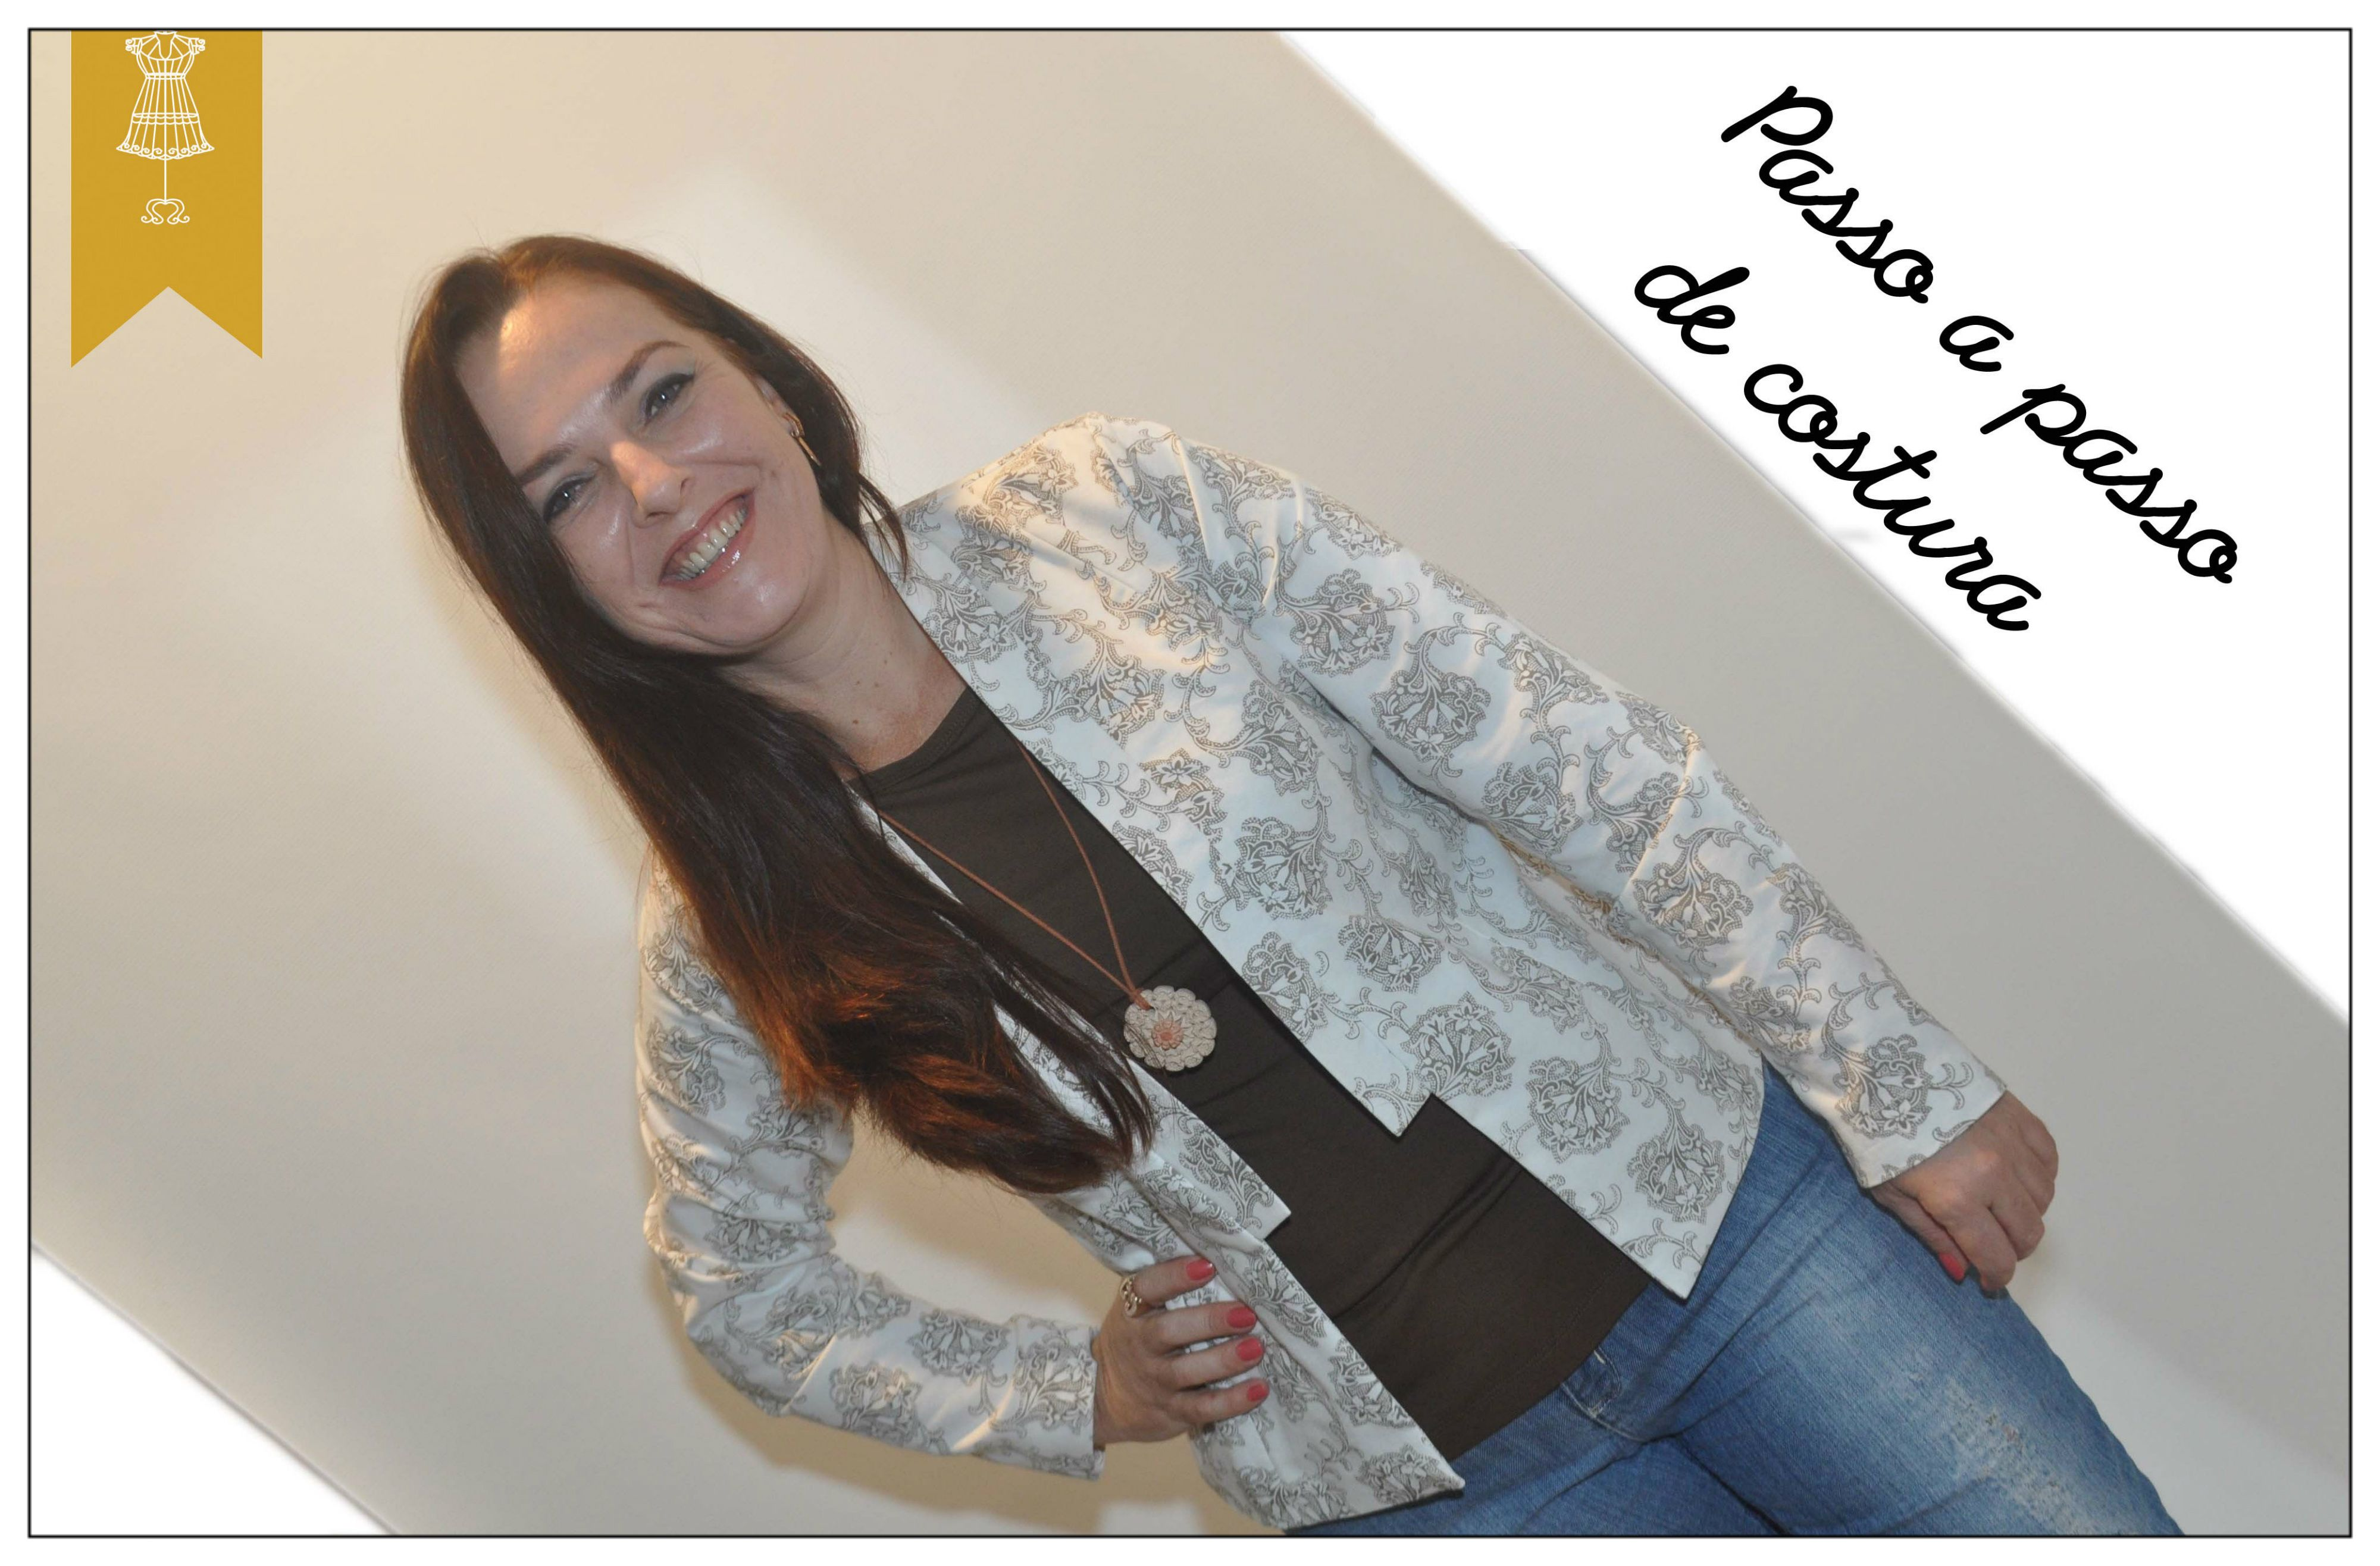 Blazer Feminino! http://blog.ateliedemoldes.com.br/p/passo-passo-de-costura-shorts.html